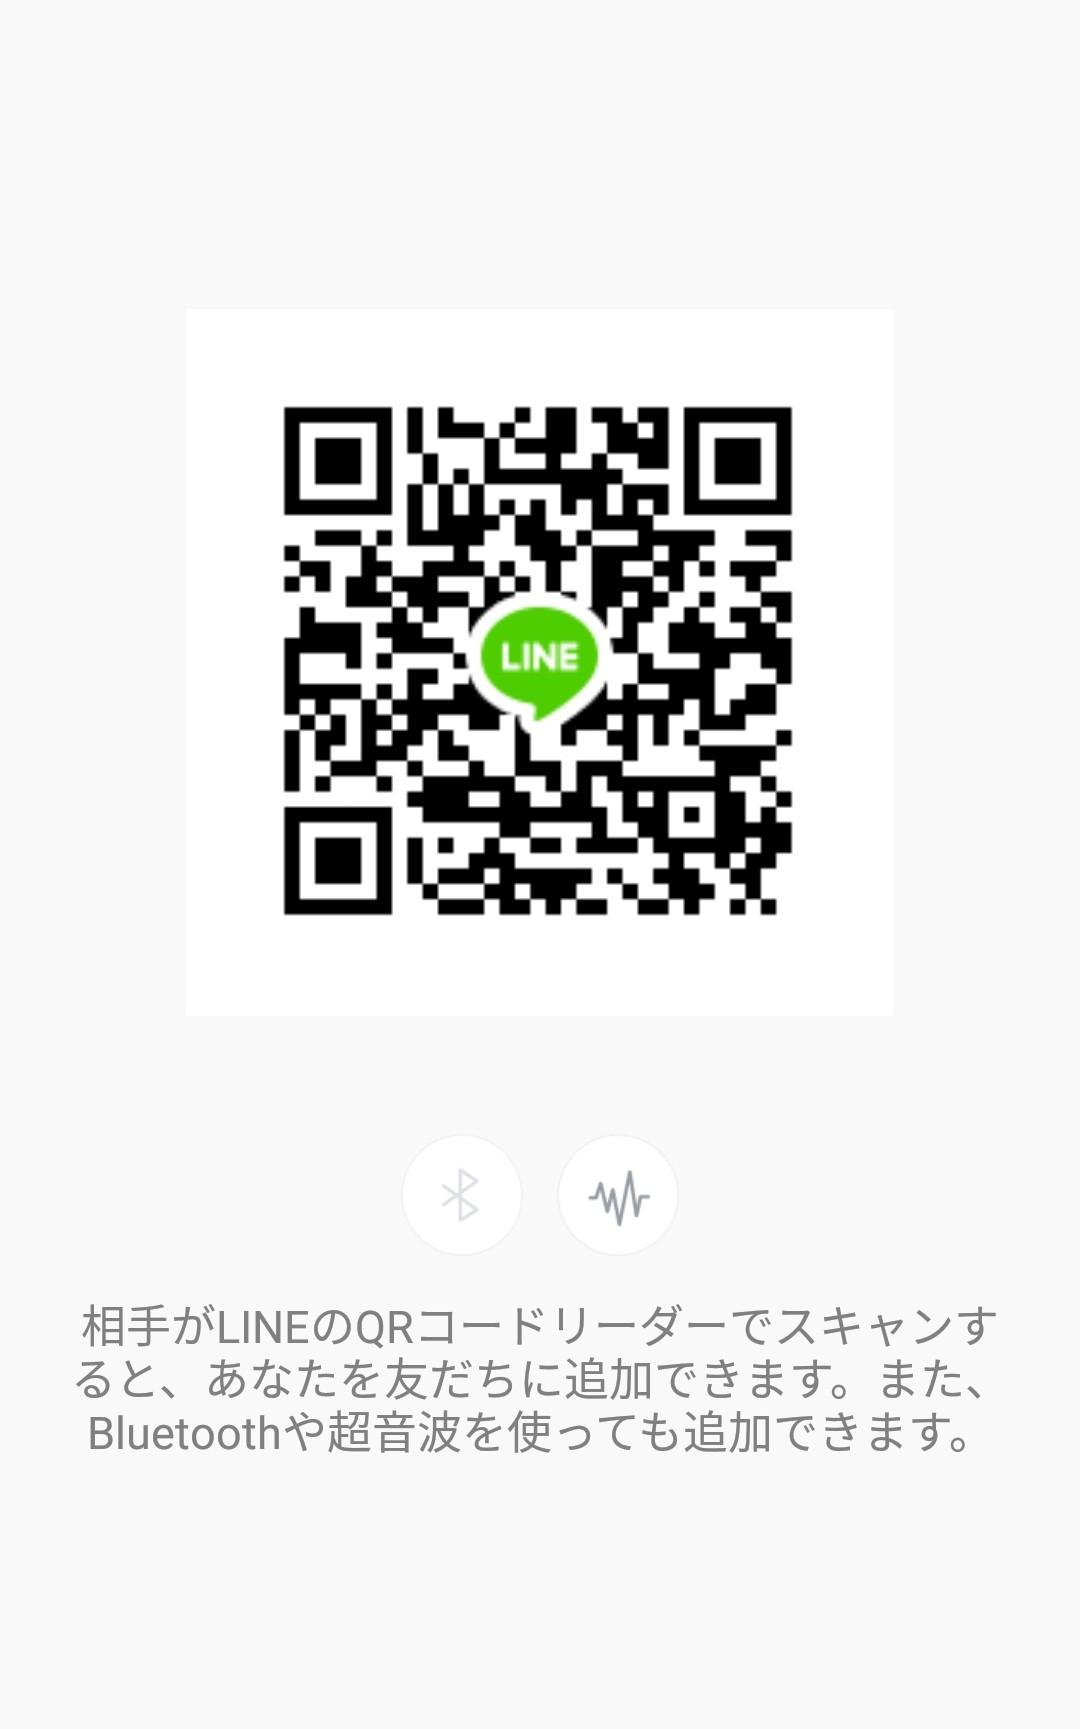 201811010539389da.jpg